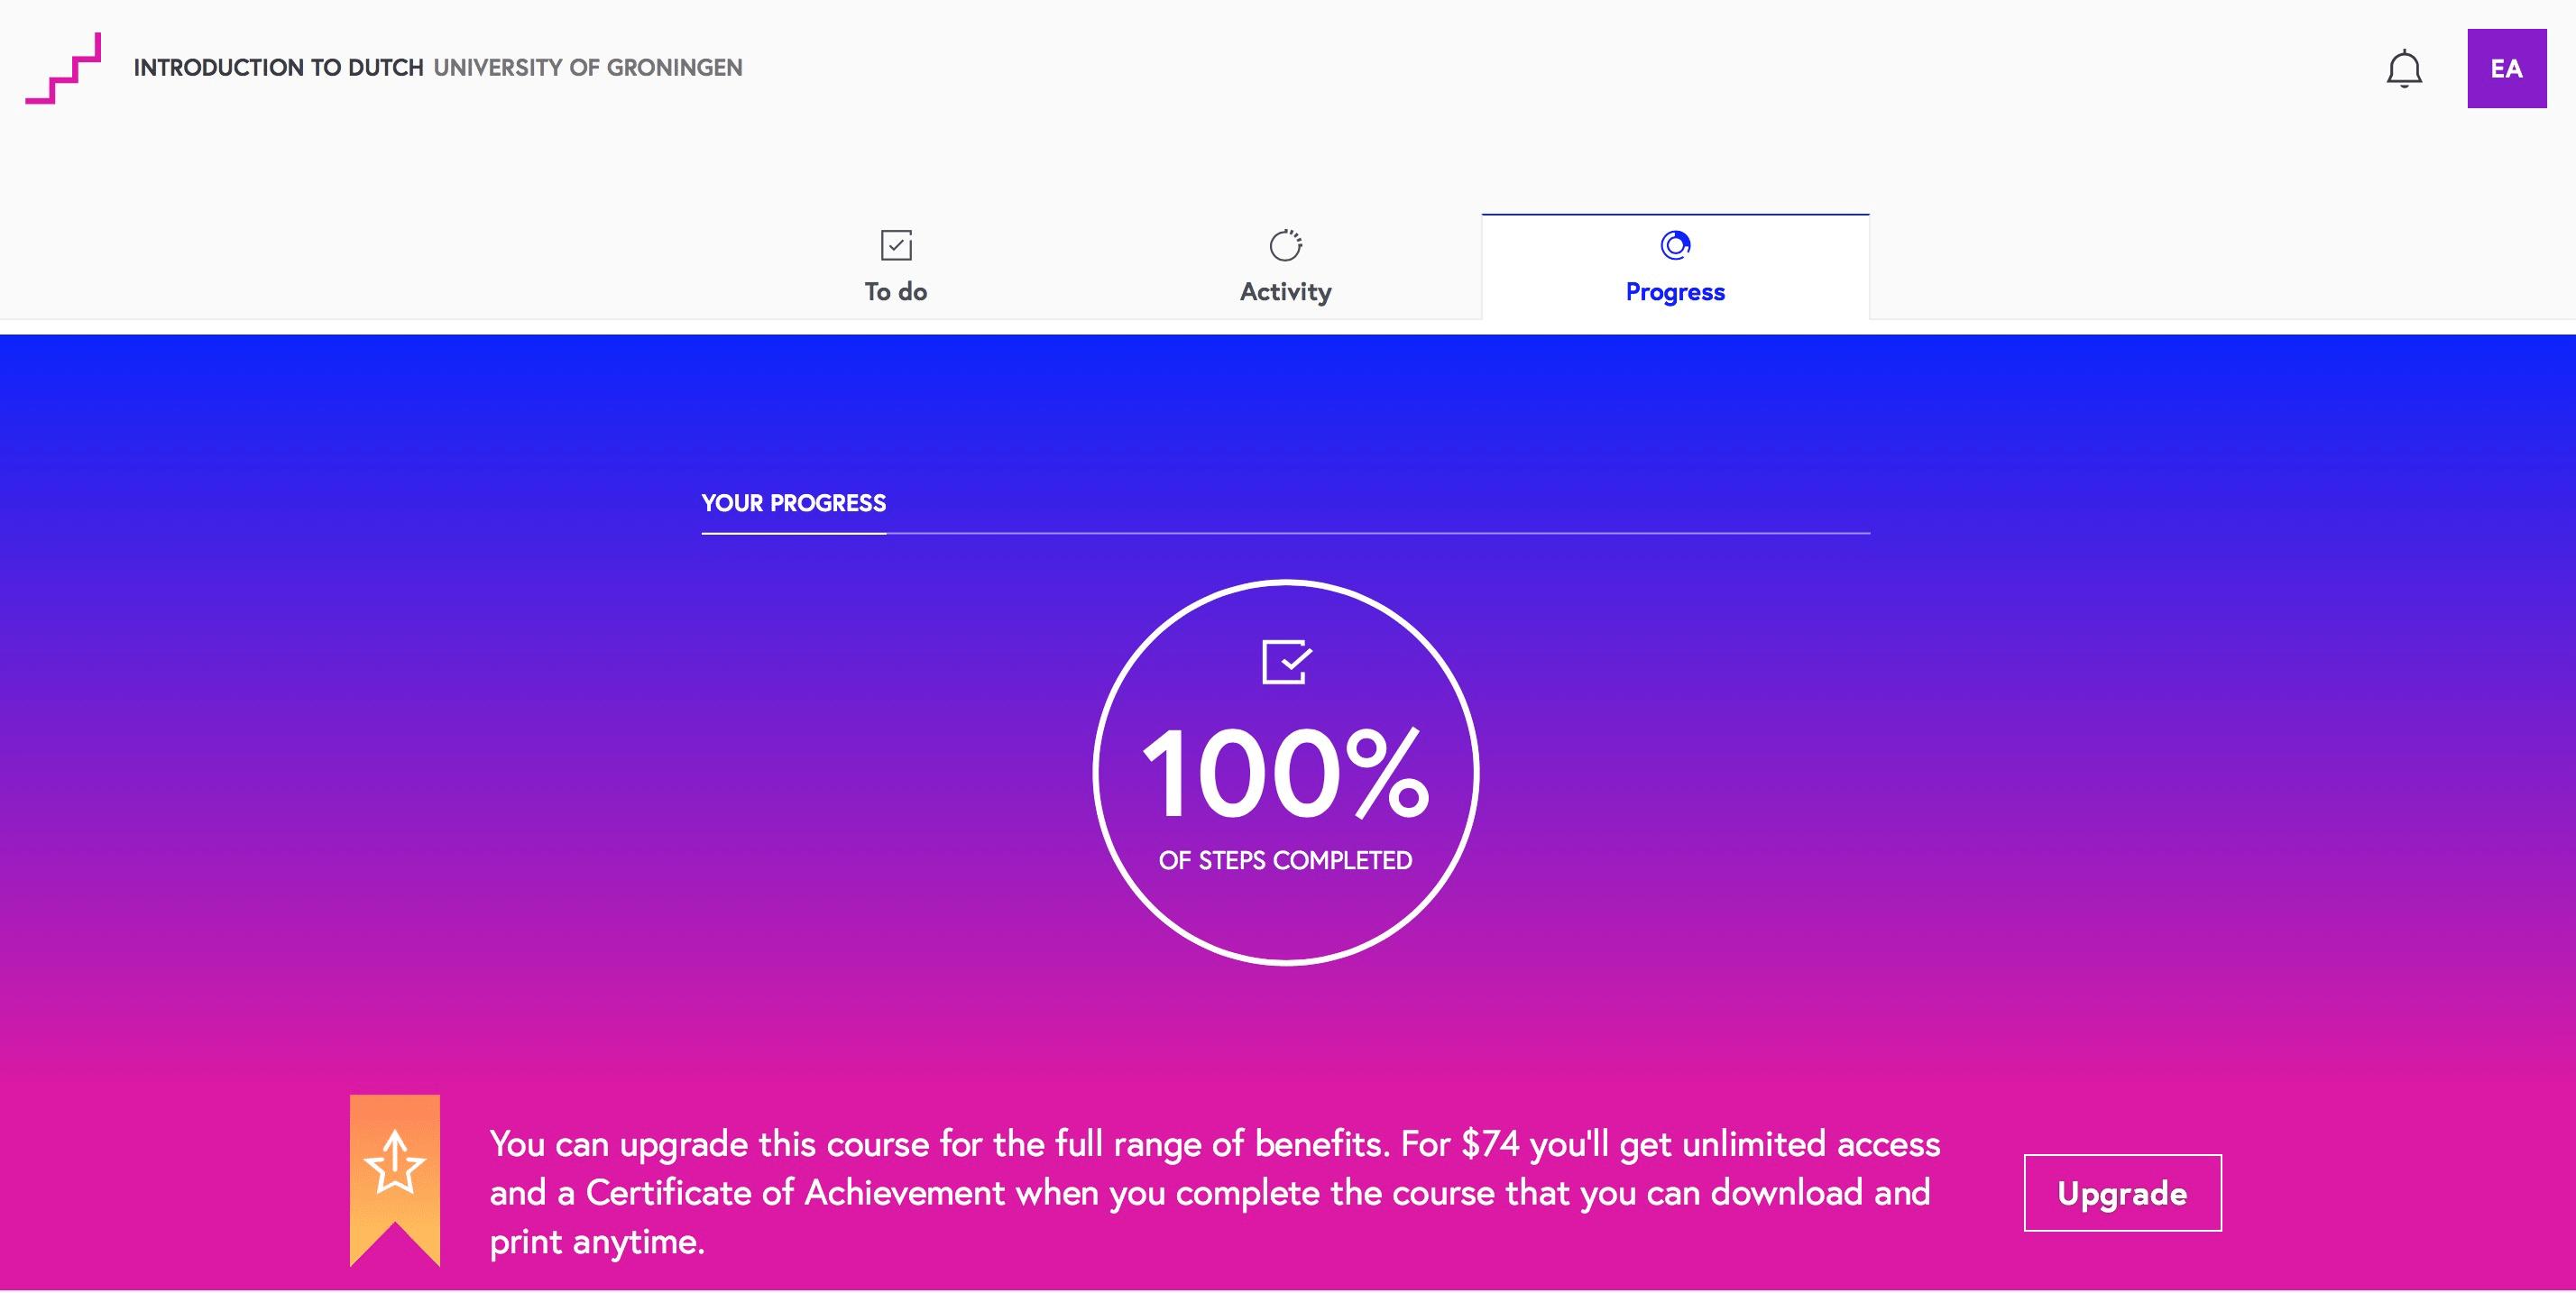 Giao diện của FutureLearn khá ấn tượng với hai màu sắc tím và xanh nổi bật